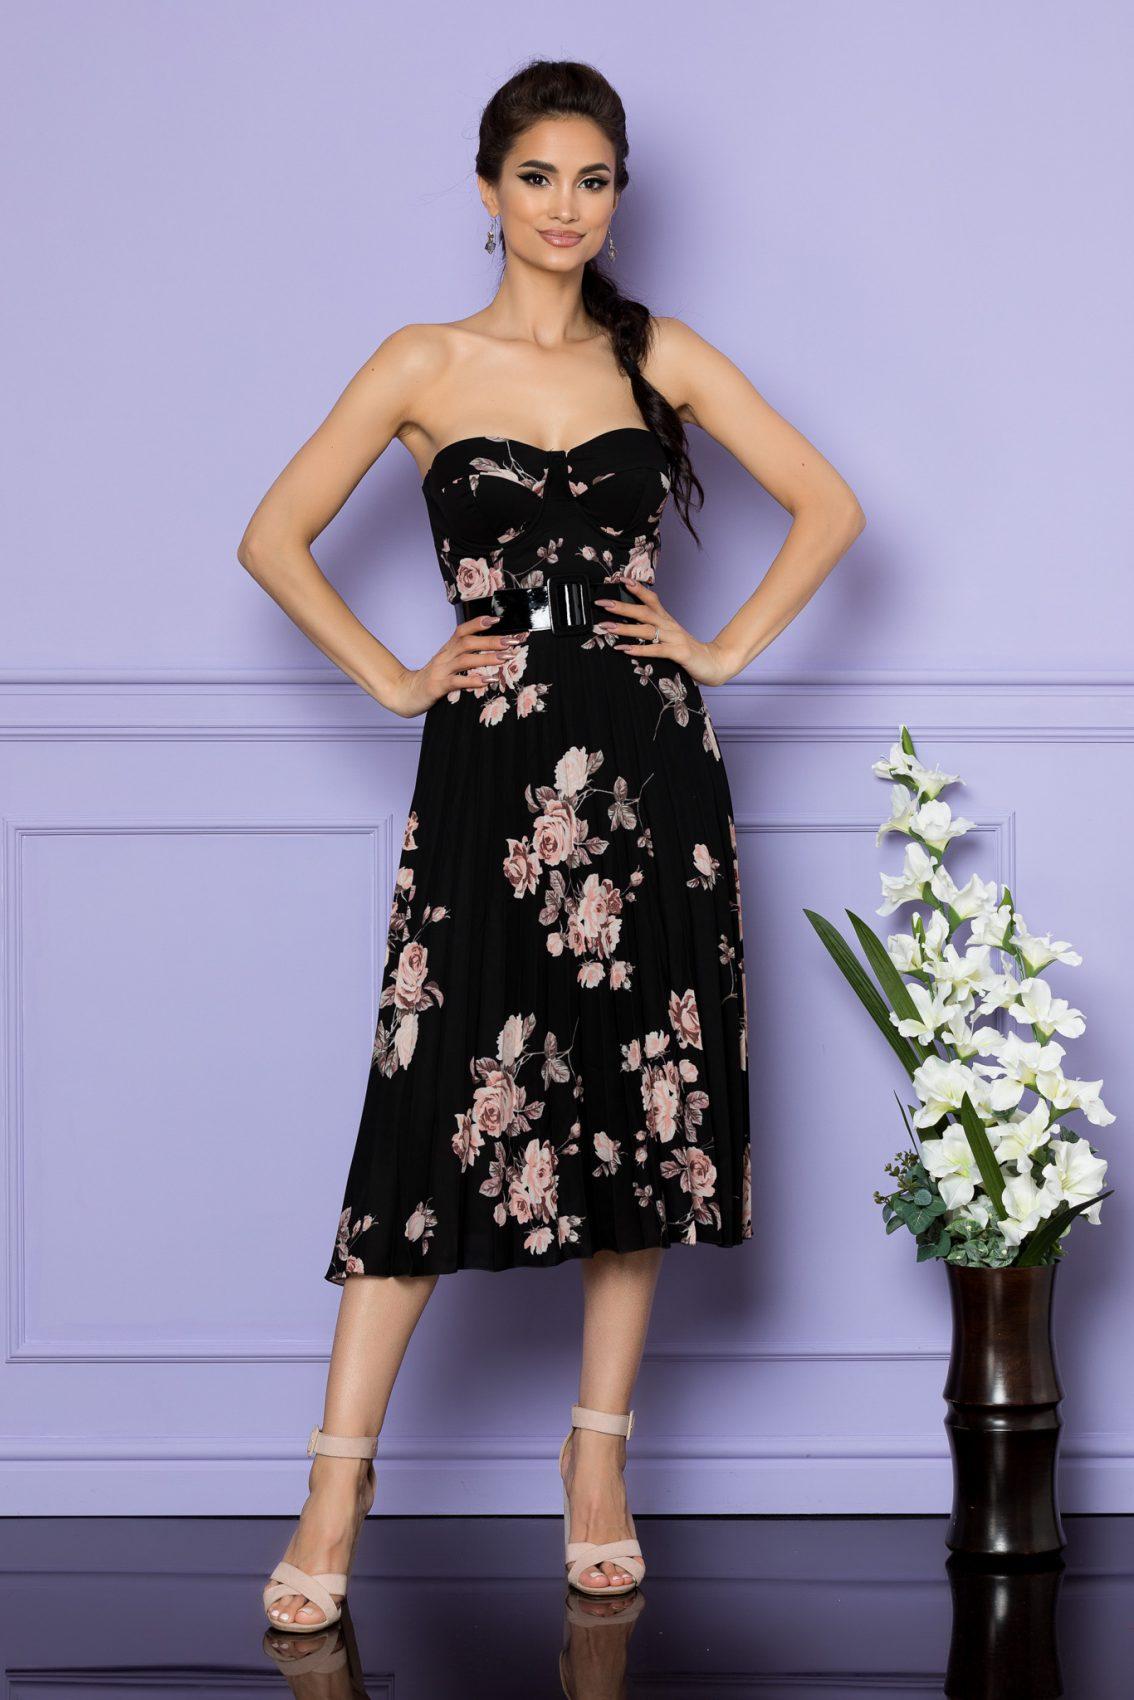 Μαύρο Φλοράλ Φόρεμα Στράπλες Με Ζώνη Serenity 7868 1